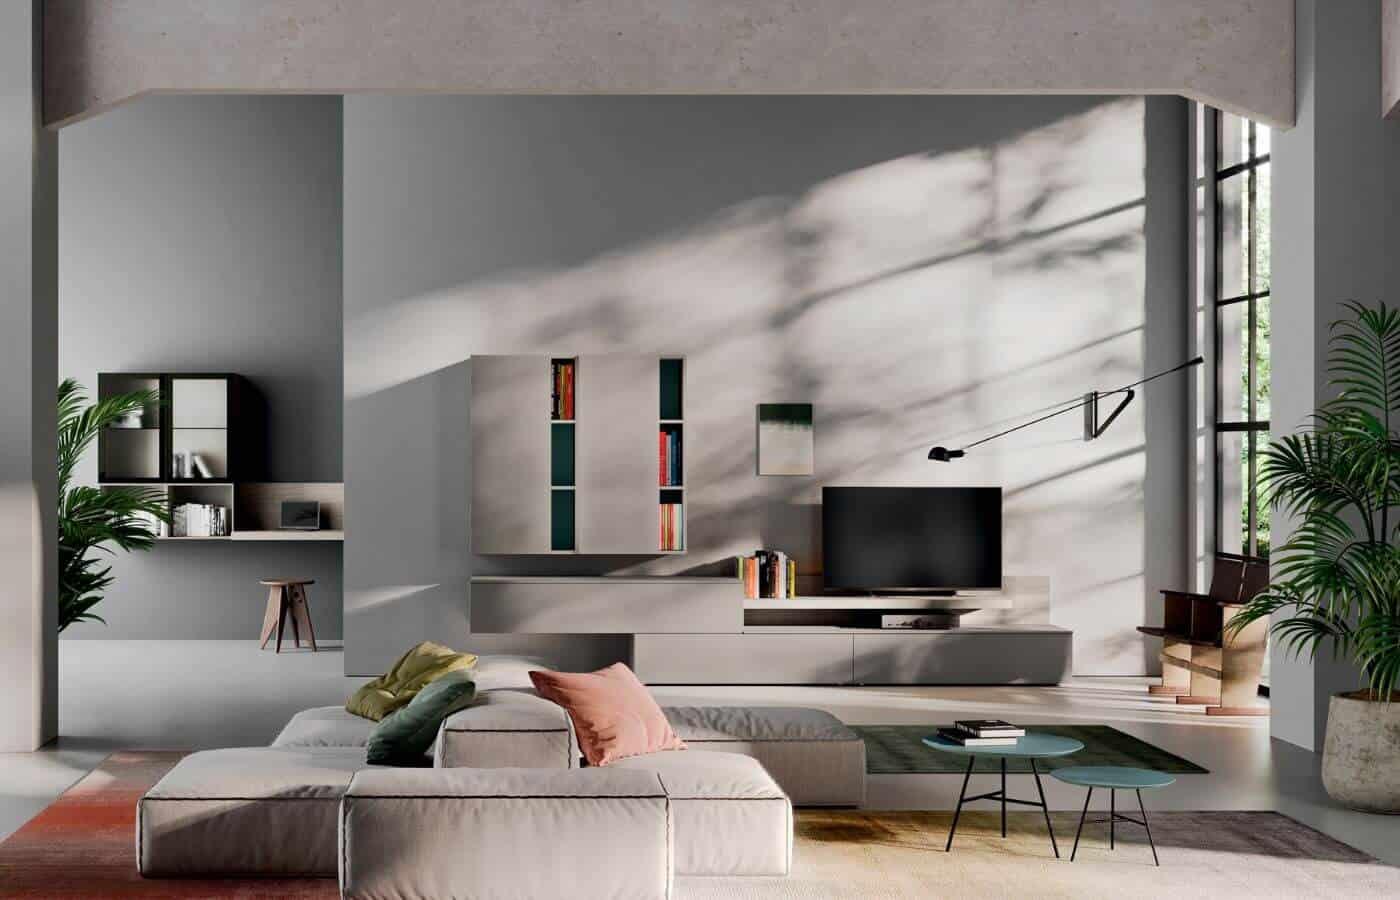 zona-giorno-parete-attrezzata-collezione-forma-light-il-mobile (4)